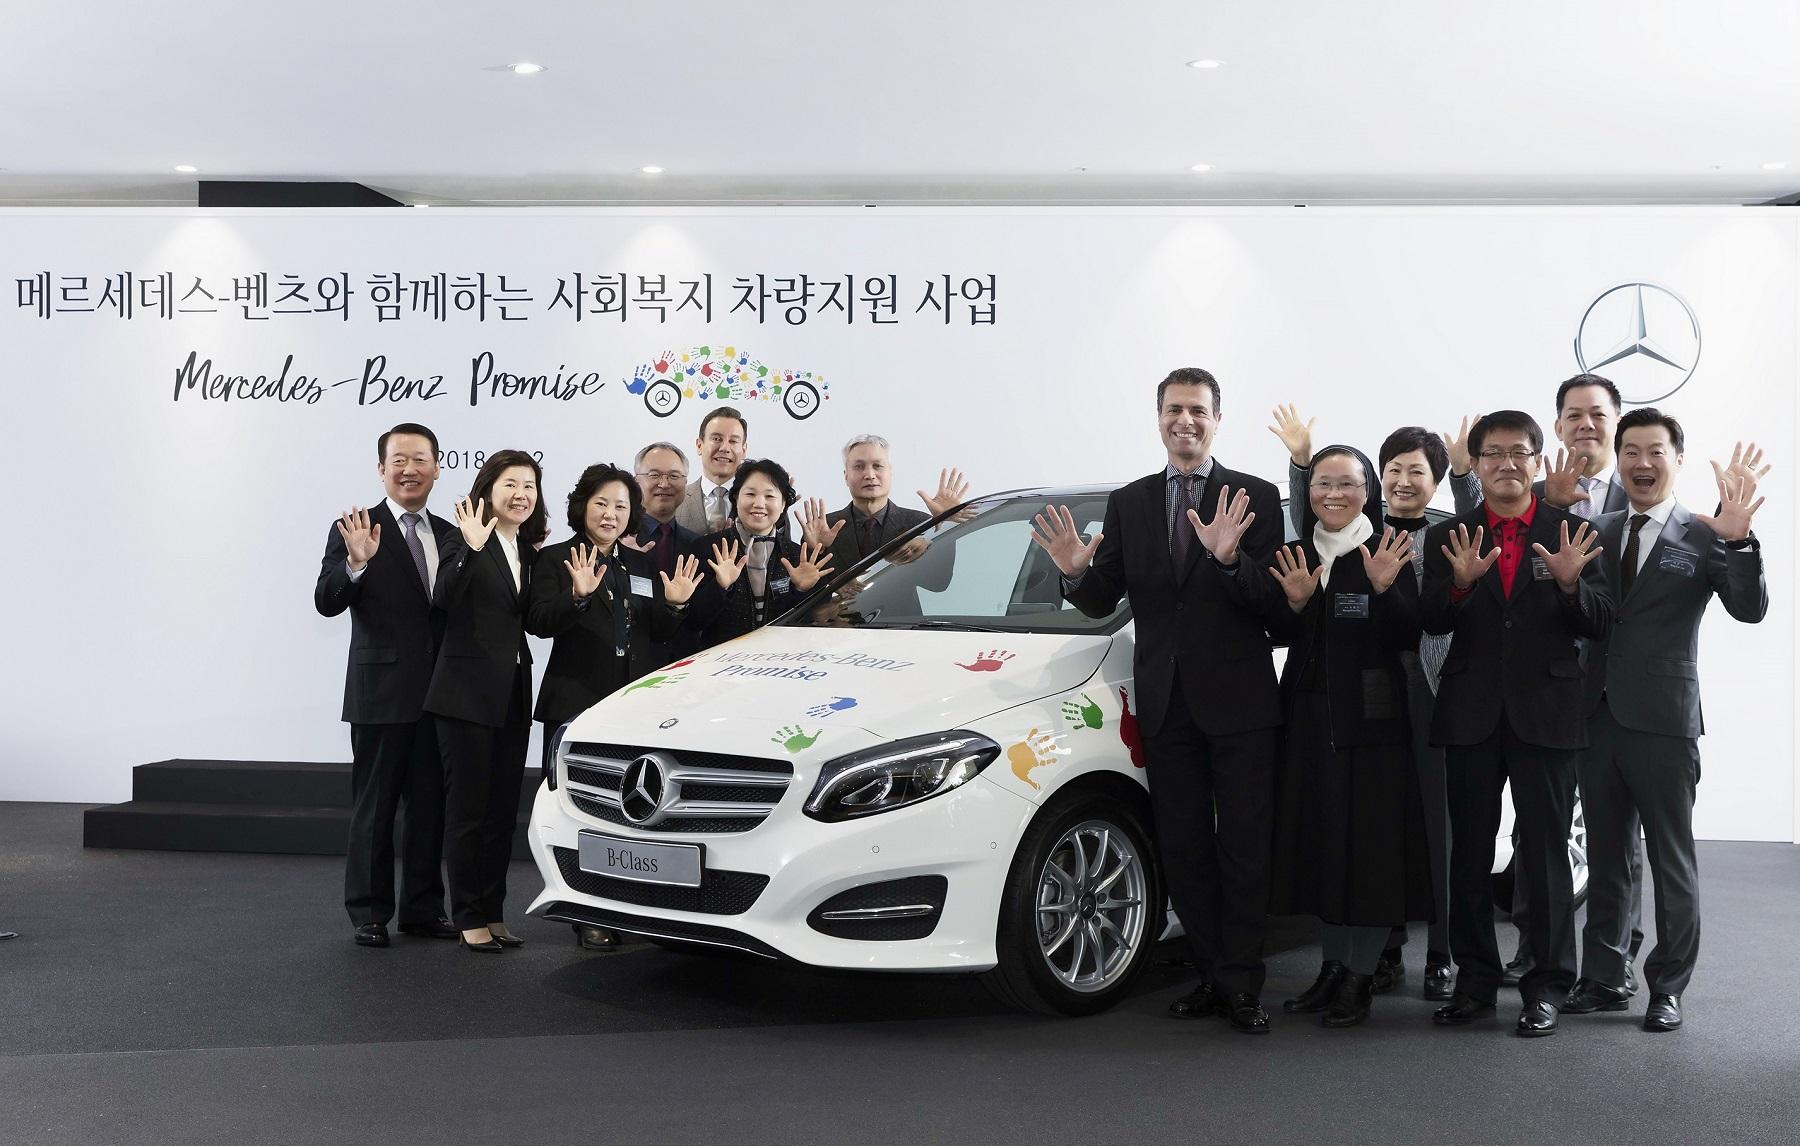 [사진 2] 메르세데스-벤츠 사회공헌위원회 차량 기증식.jpg